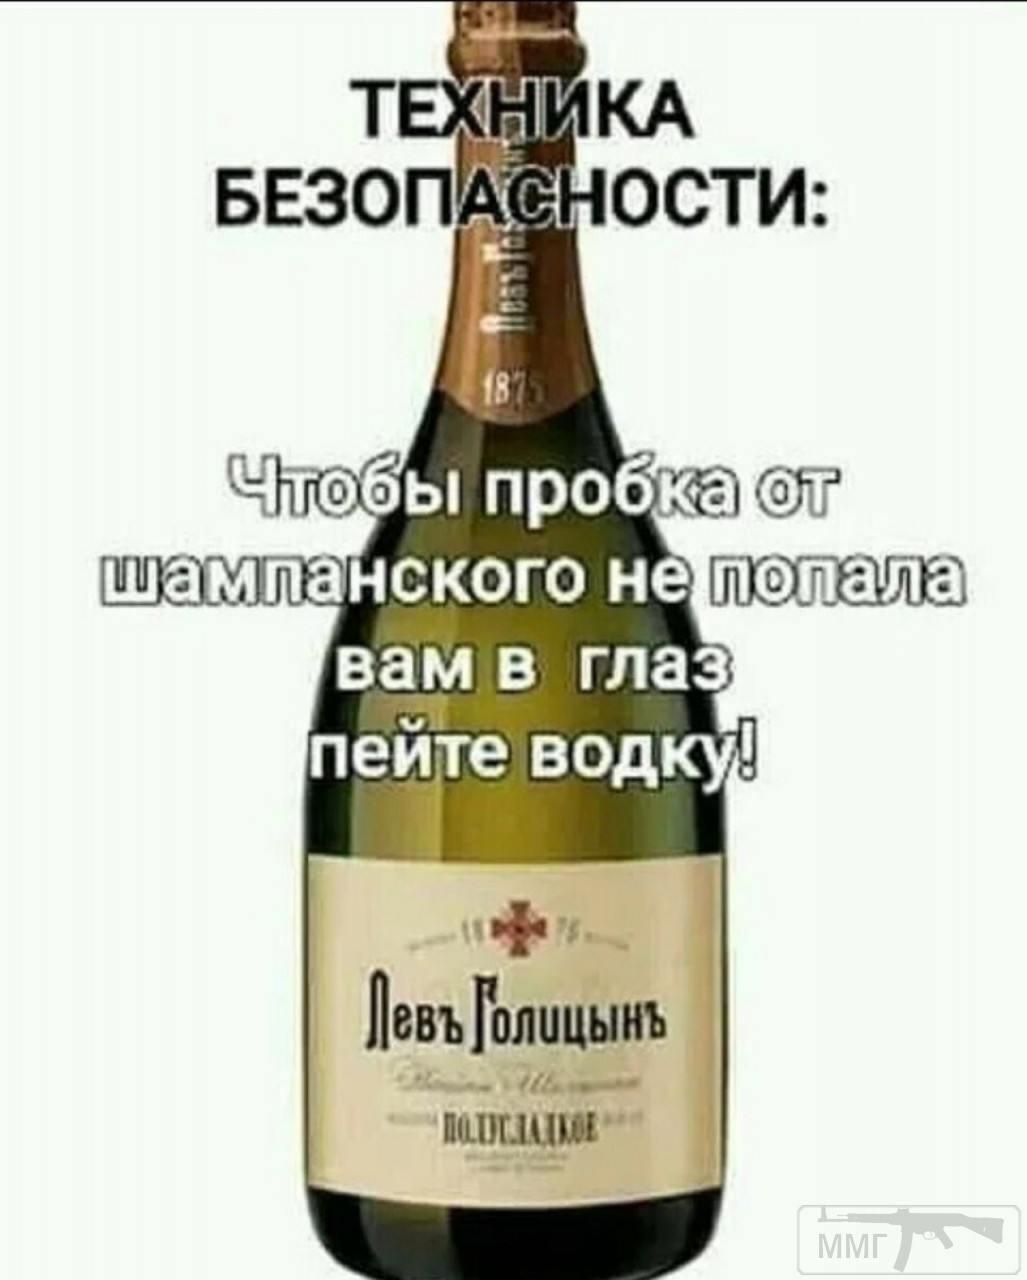 104494 - Пить или не пить? - пятничная алкогольная тема )))